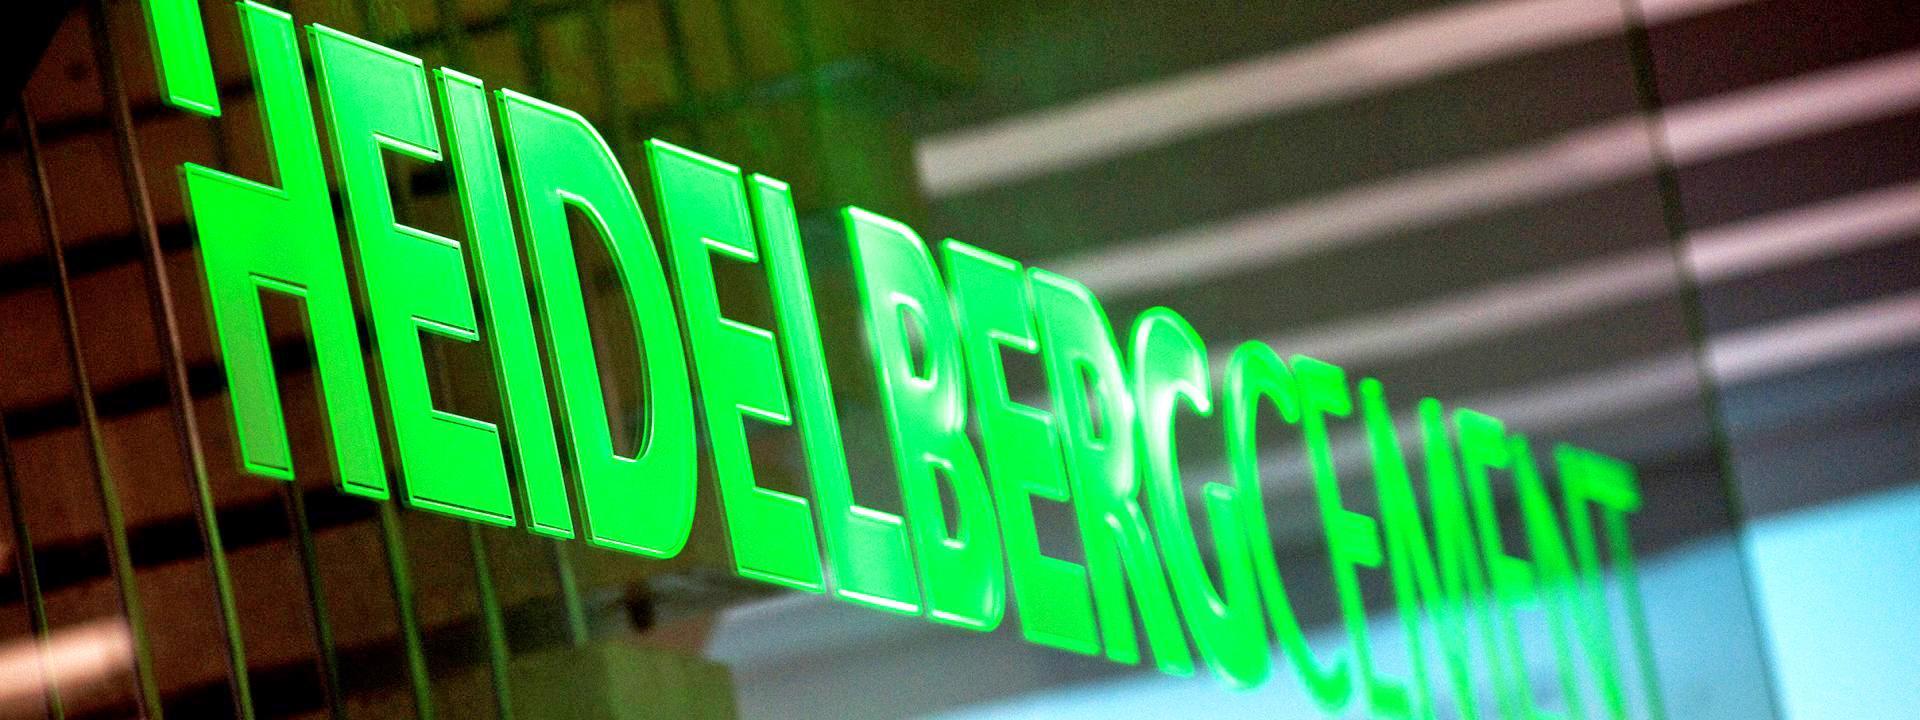 HeidelbergCement România sprijină cu 140.000 euro lupta împotriva COVID-19